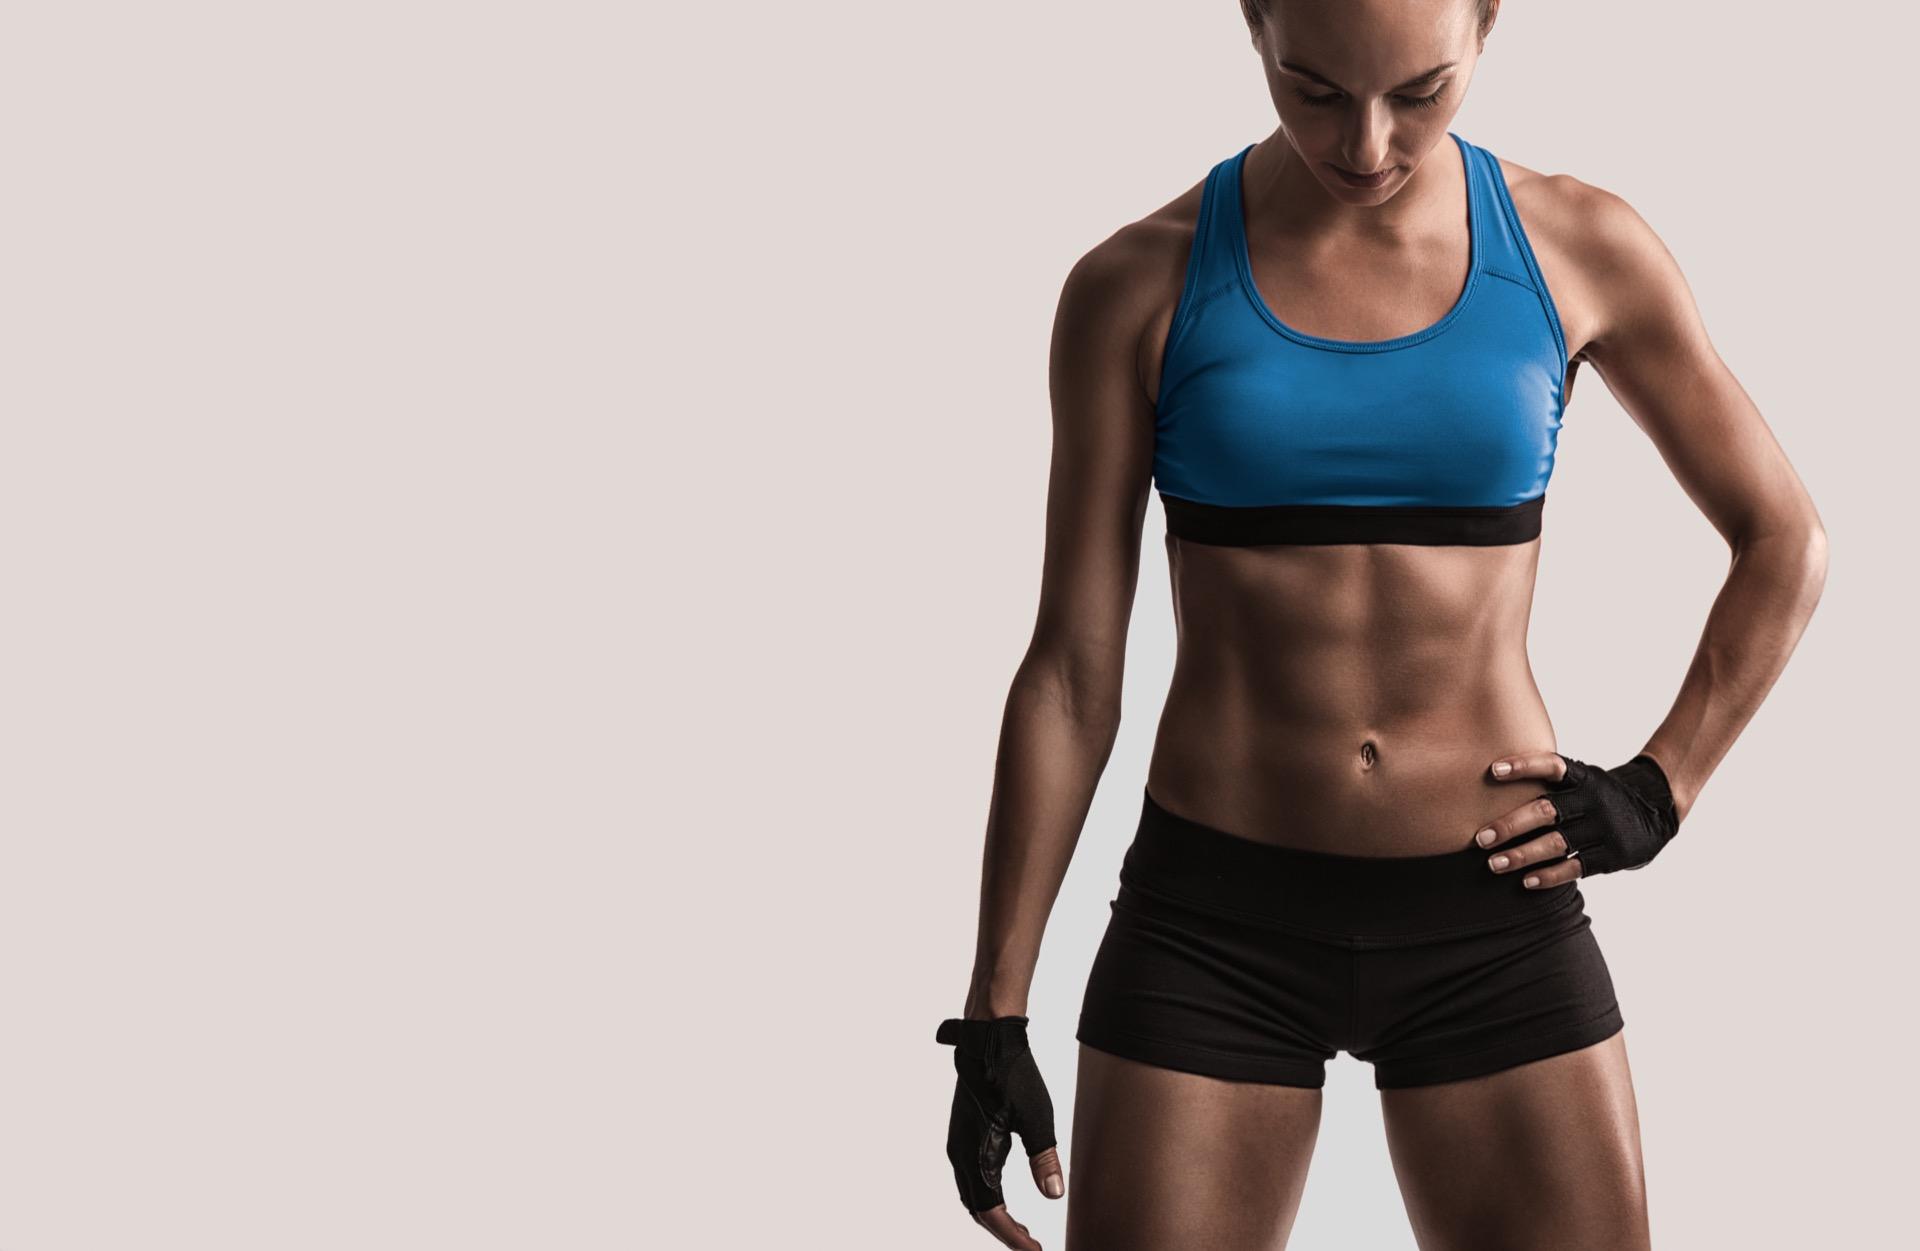 hvordan gå ned i vekt uten trening